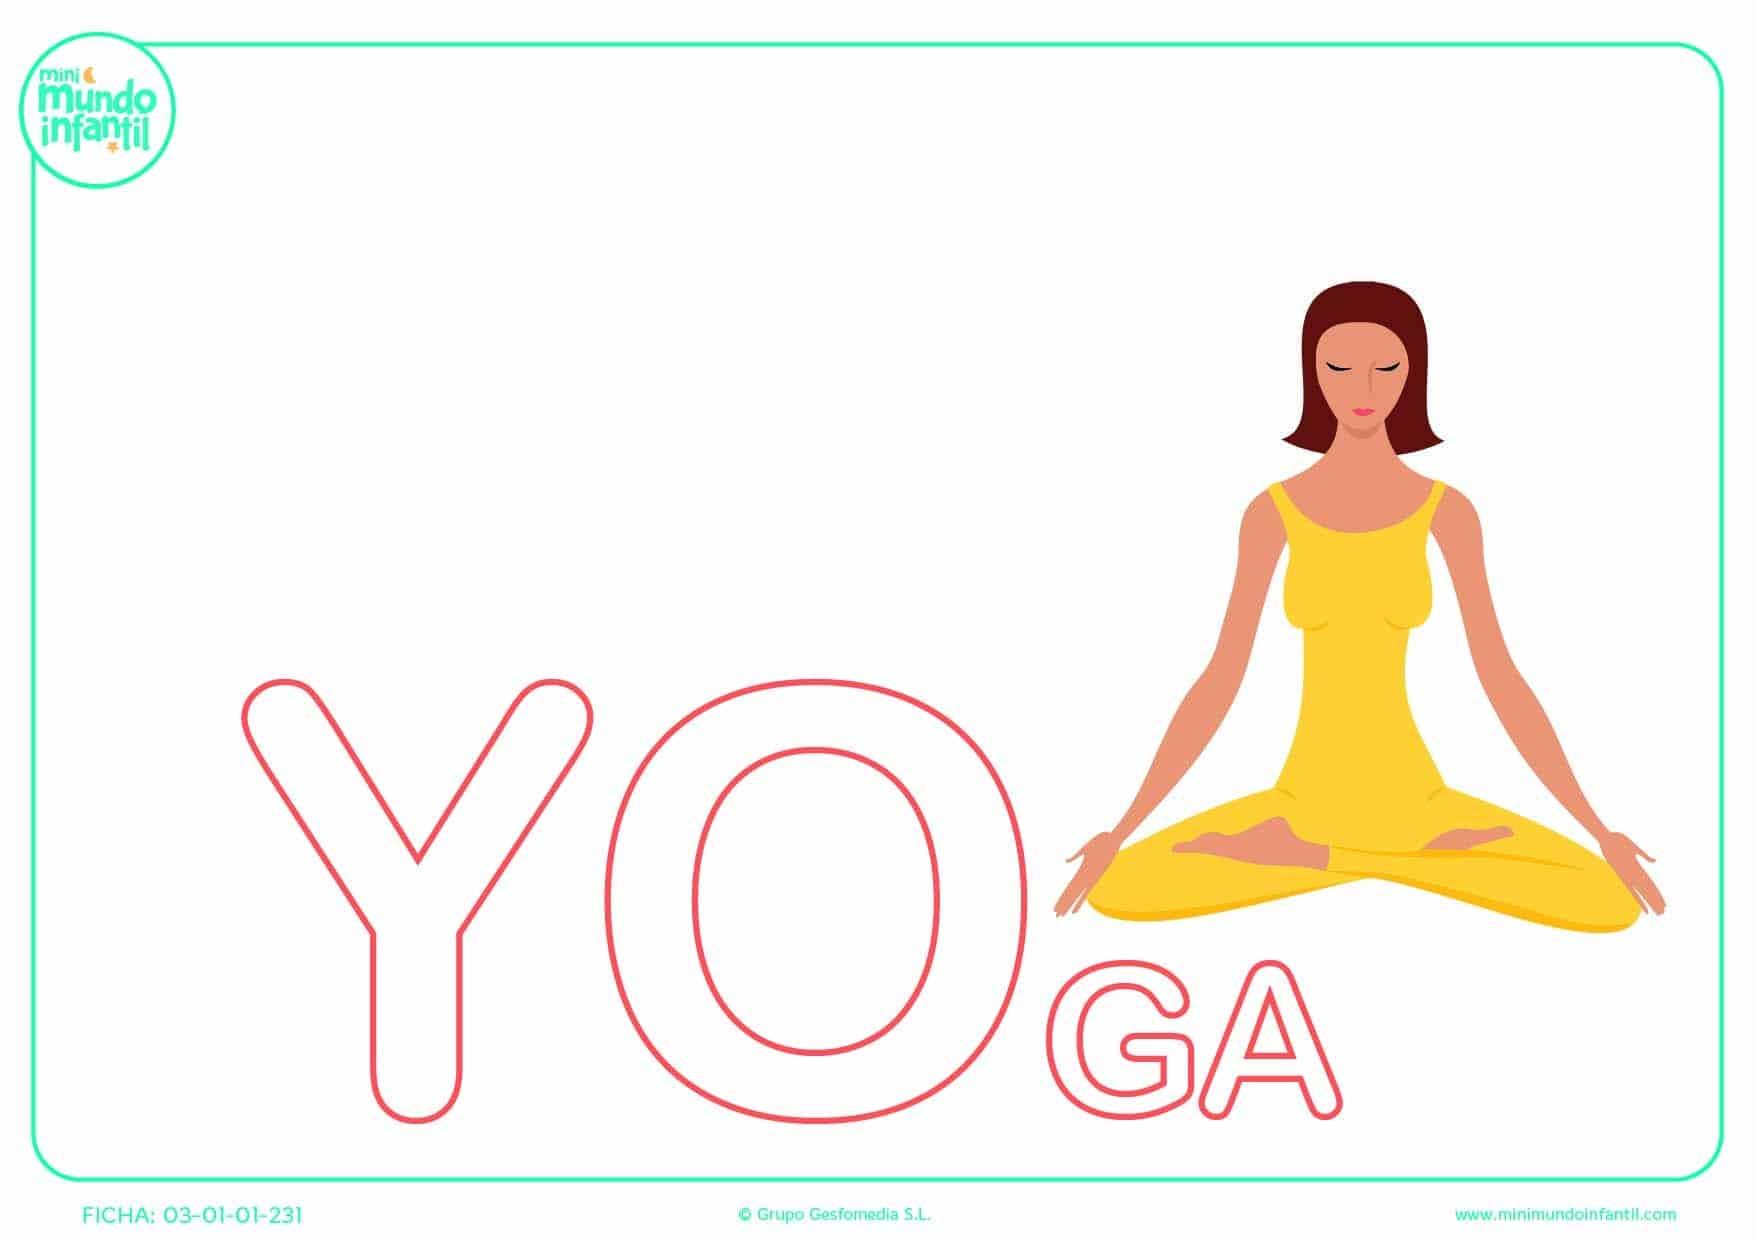 Sílaba YO mayúscula de yoga para poner color